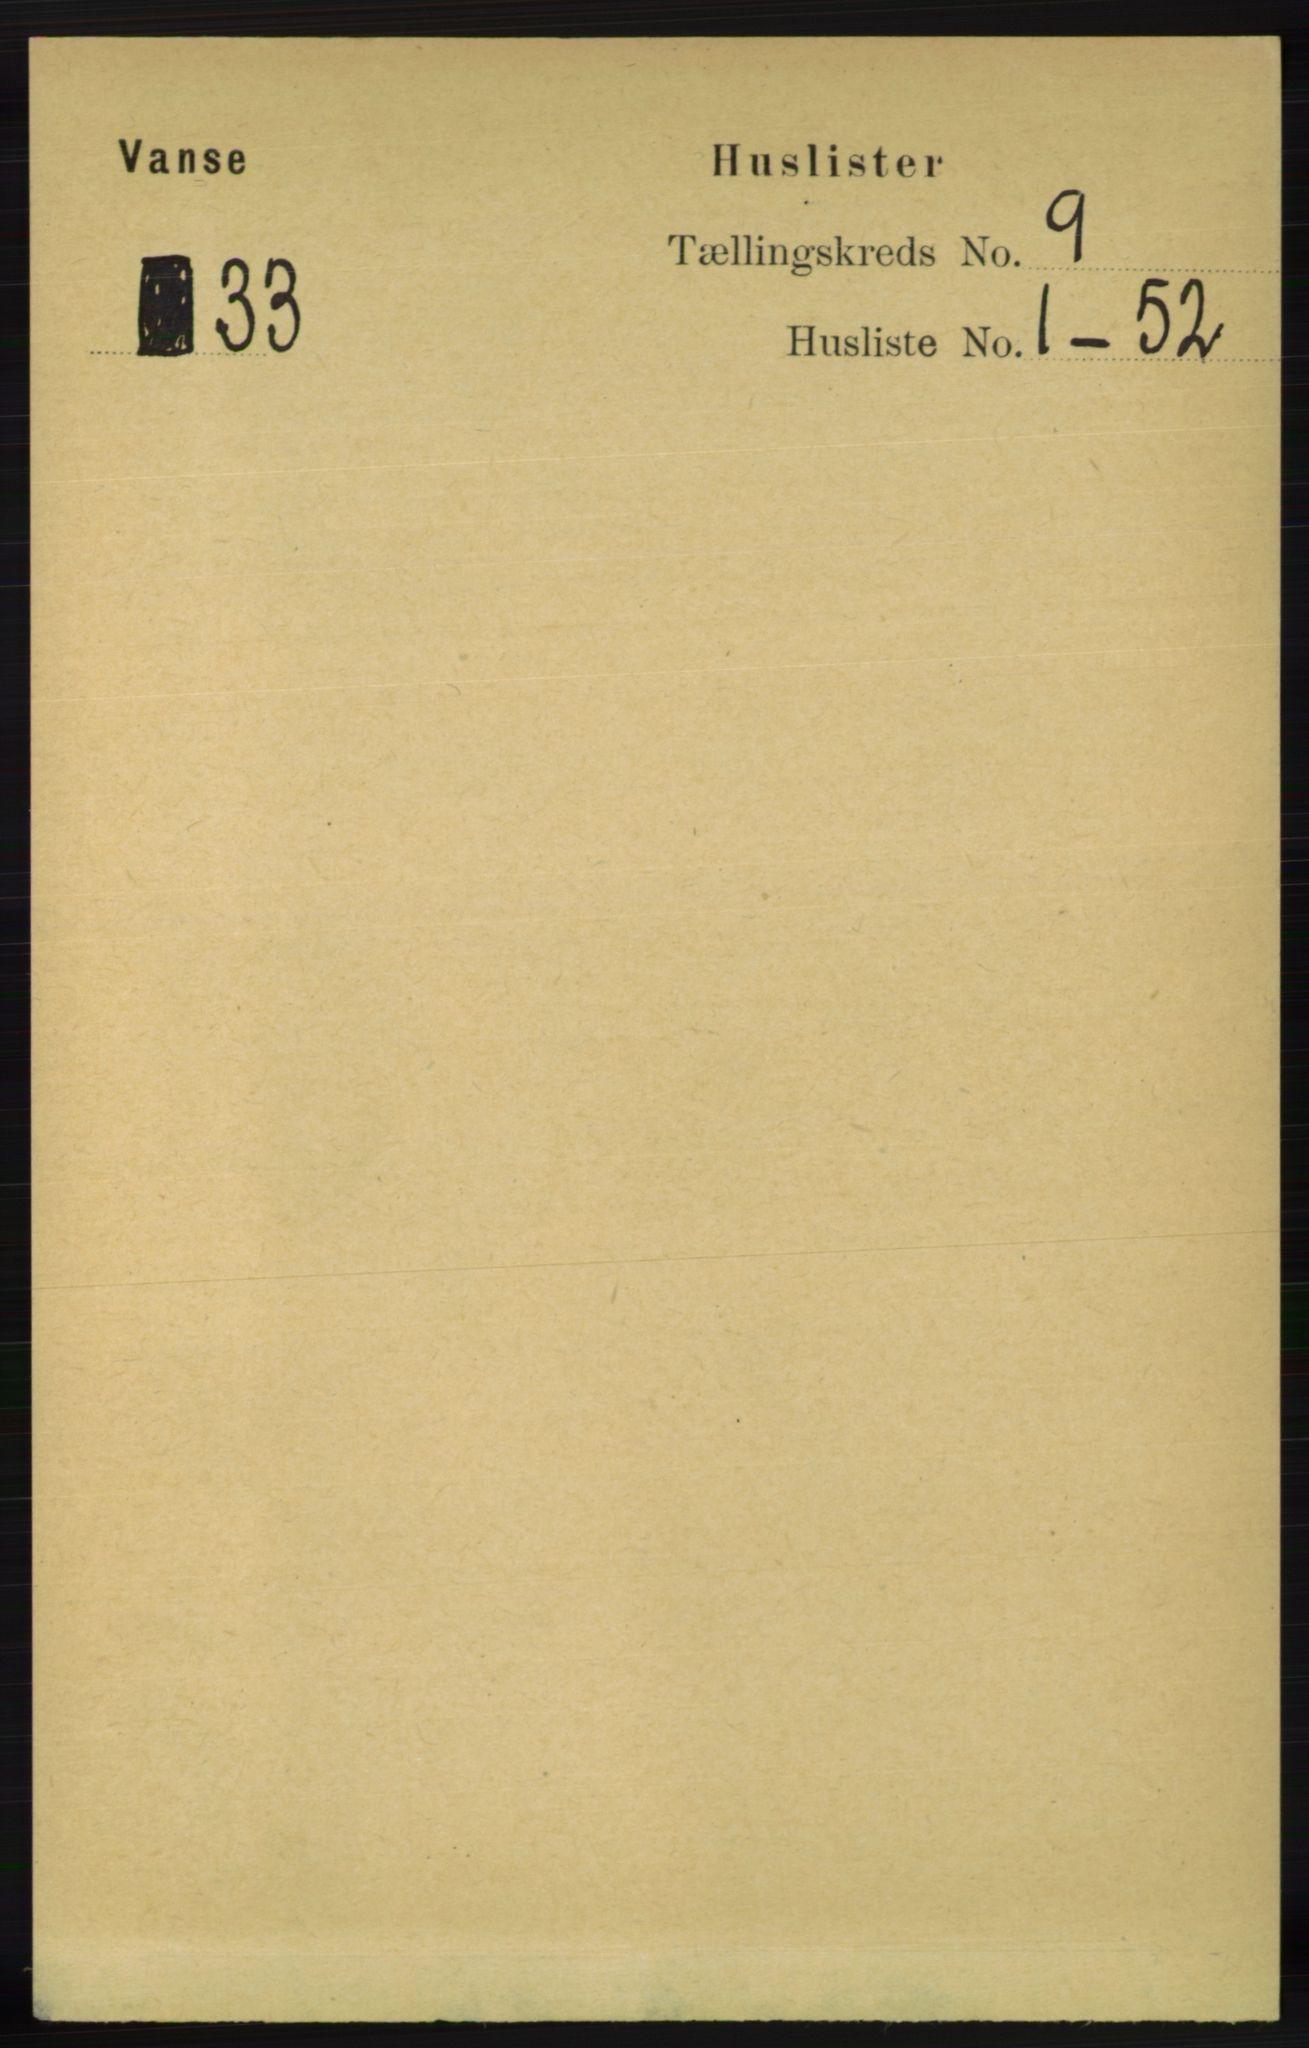 RA, Folketelling 1891 for 1041 Vanse herred, 1891, s. 5213